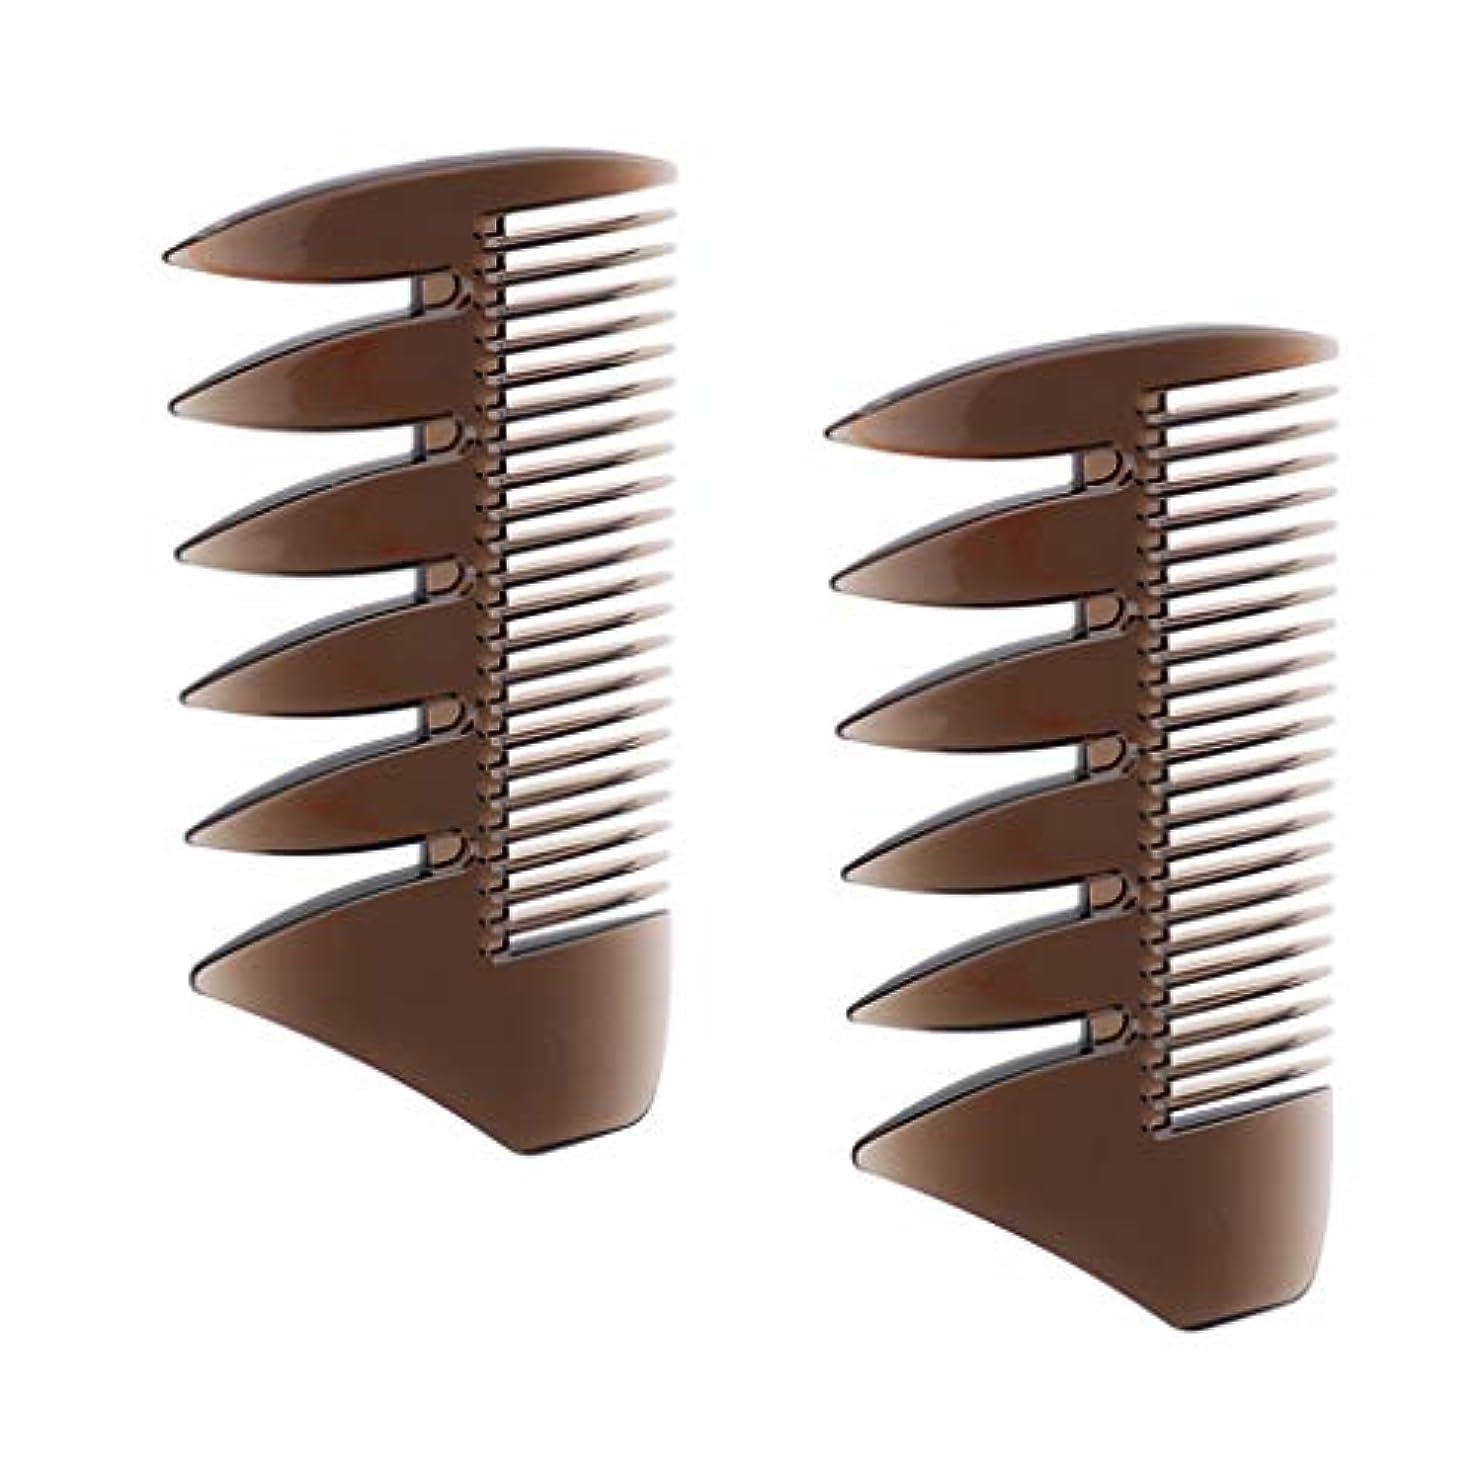 下向き日光地元2個 ヘアコンビ デュアルサイド メンズ オイルの髪 櫛 ヘアサロン ヘアスタイリング